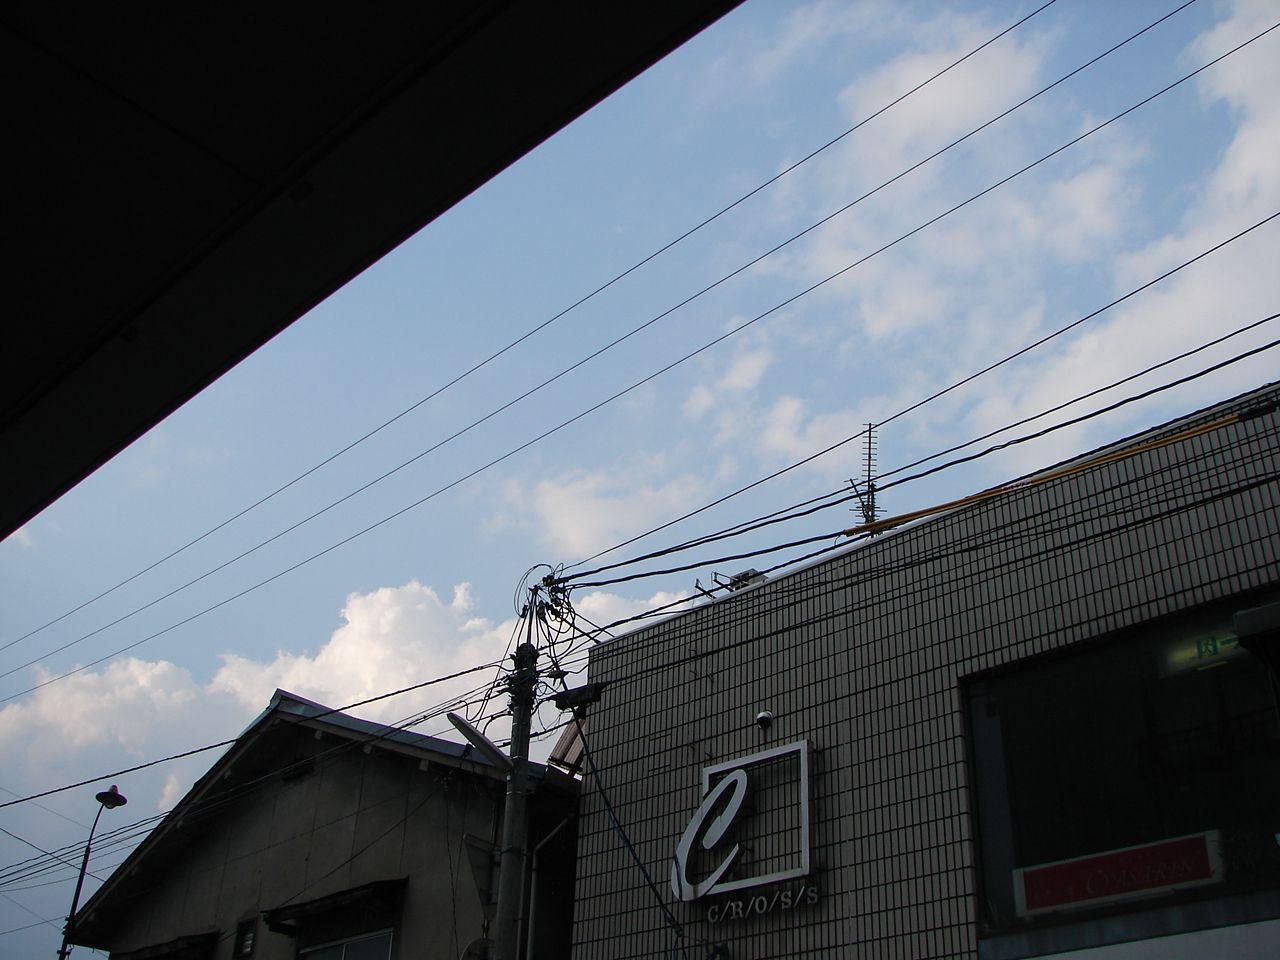 おんなじ_d0124199_1445014.jpg